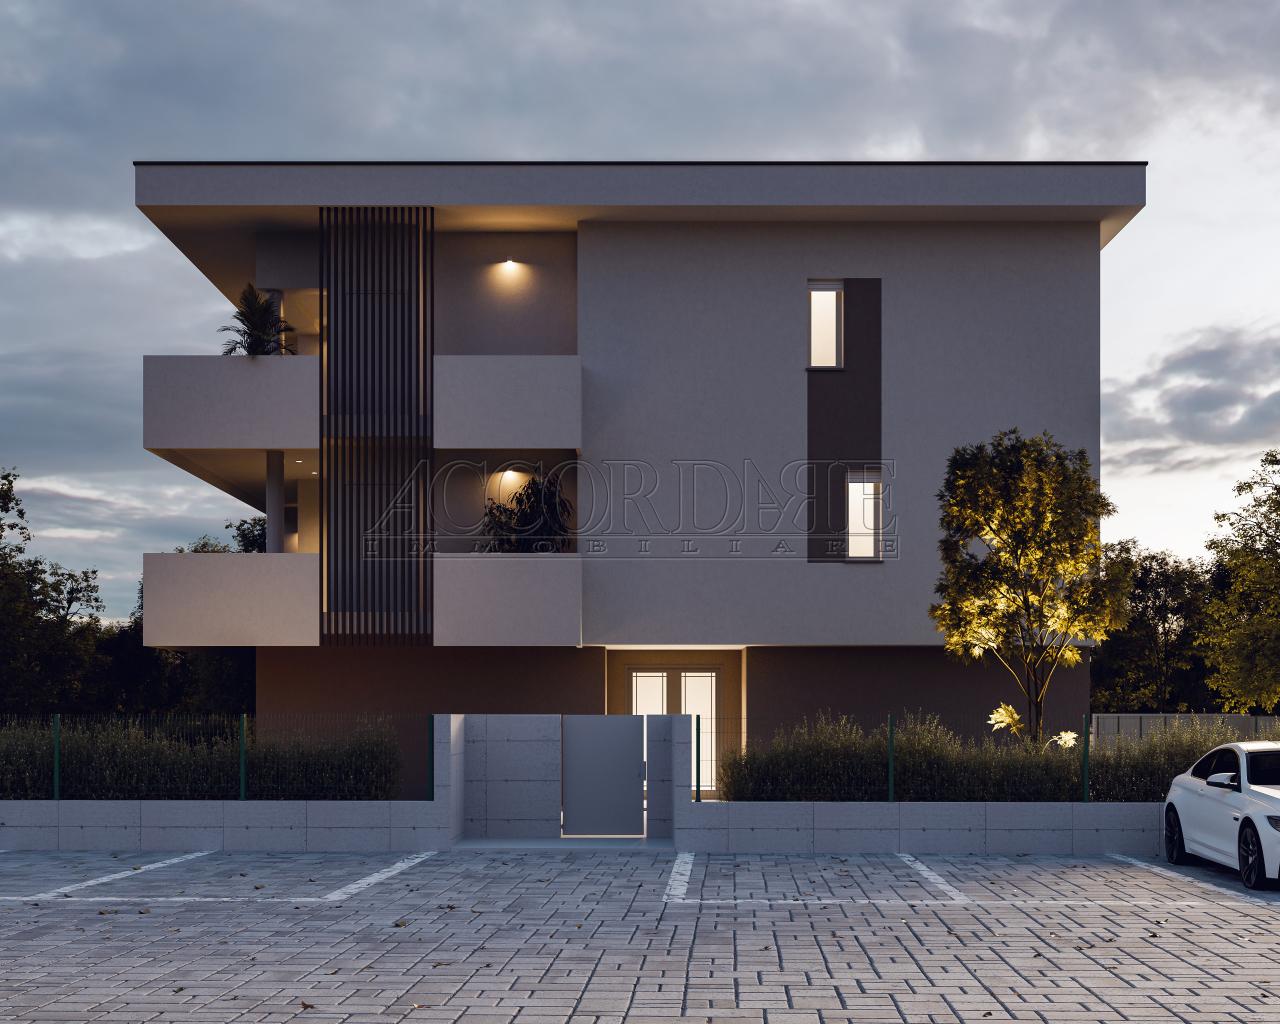 Appartamento in vendita a Padova, 9999 locali, prezzo € 303.000 | PortaleAgenzieImmobiliari.it